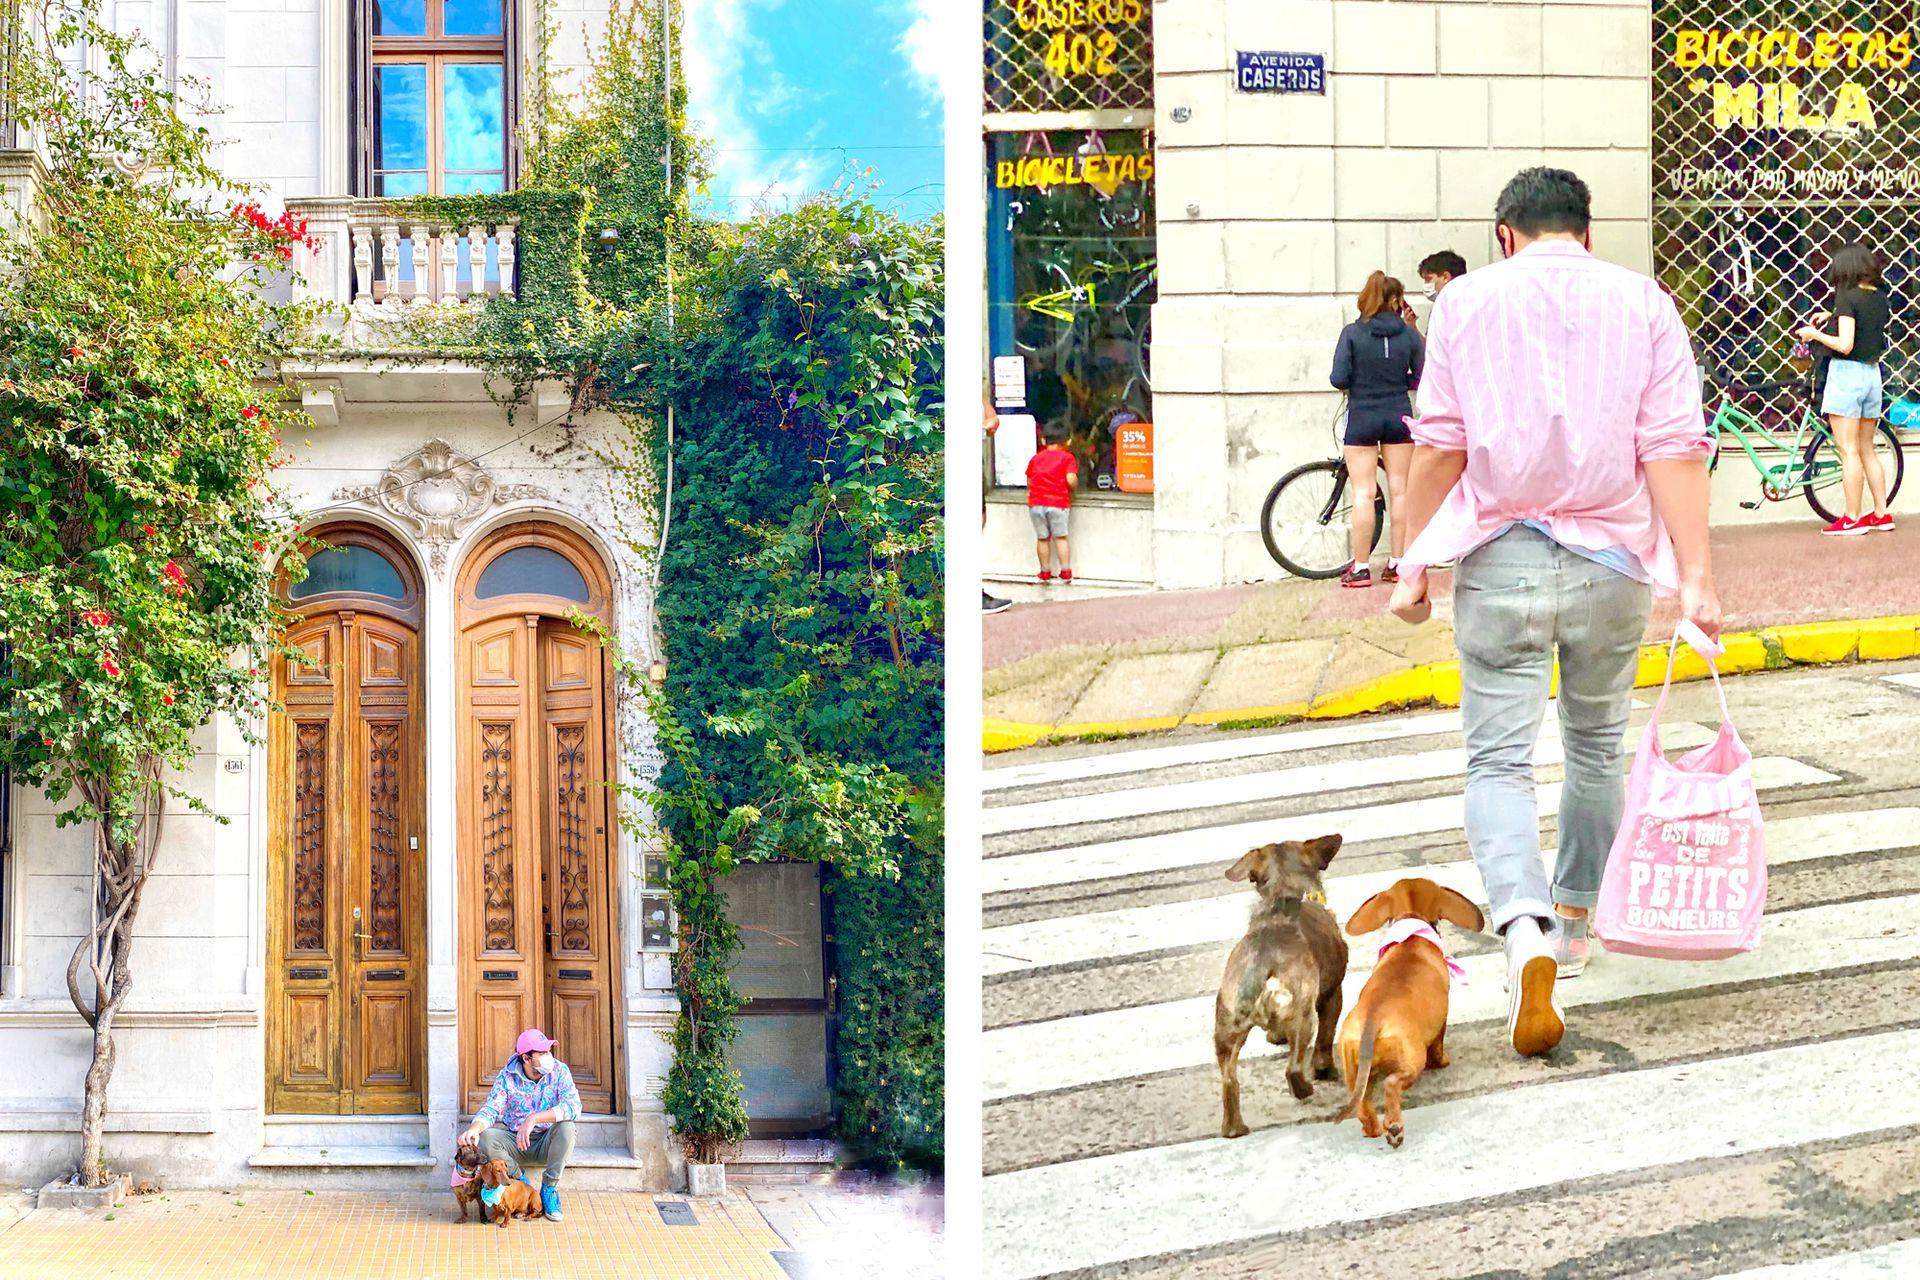 Los paseos de Pascualina y Cocoliche se hicieron más cortitos pero siempre hay un momento para chusmear en la vereda. Derecha. Caminando por el barrio, fuente de historias e inspiración, con una de las bolsas del mercadito.